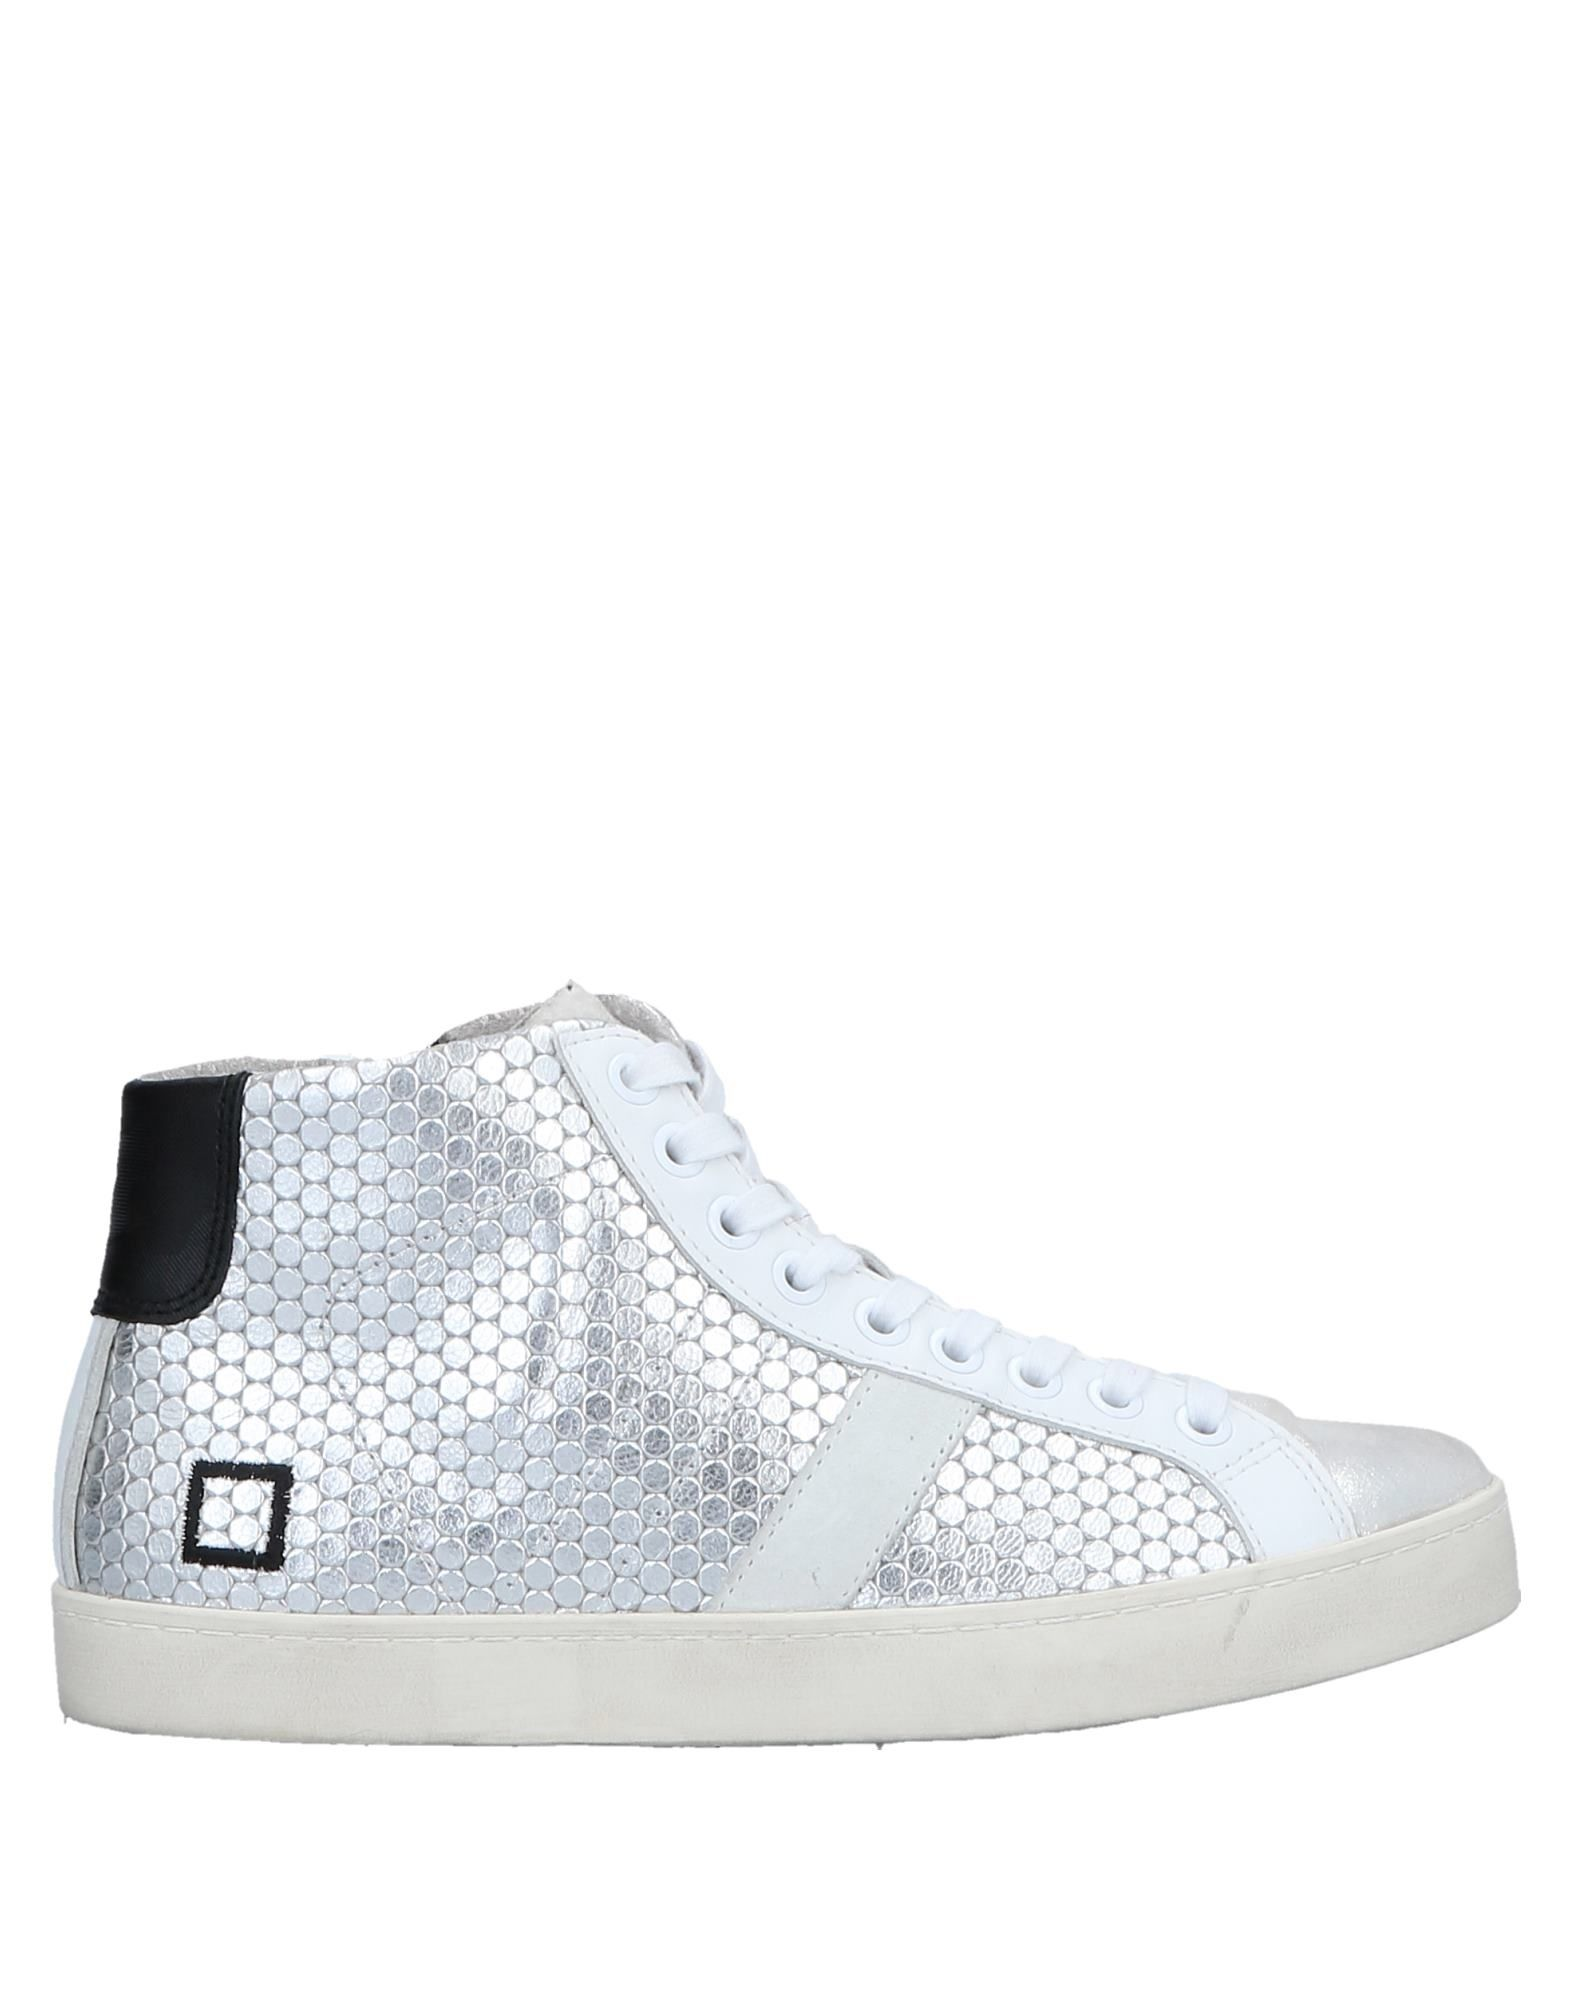 D.A.T.E. Sneakers Damen Schuhe  11518682AA Gute Qualität beliebte Schuhe Damen c93228